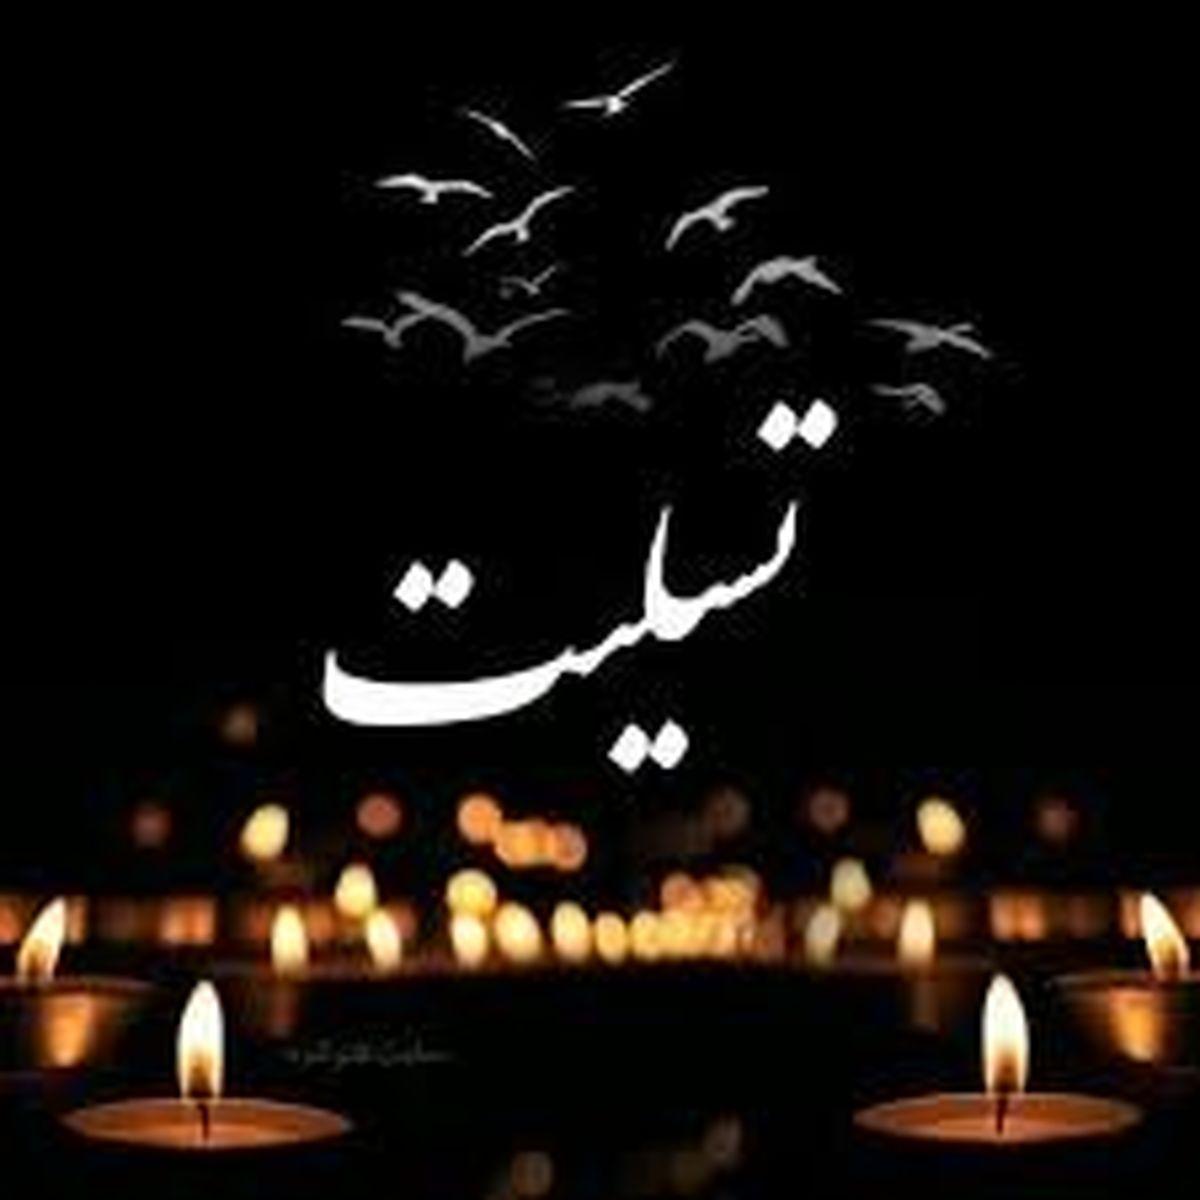 پیام تسلیت استاندار ایلام درپی درگذشت نماینده اسبق استان در مجلس شورای اسلامی